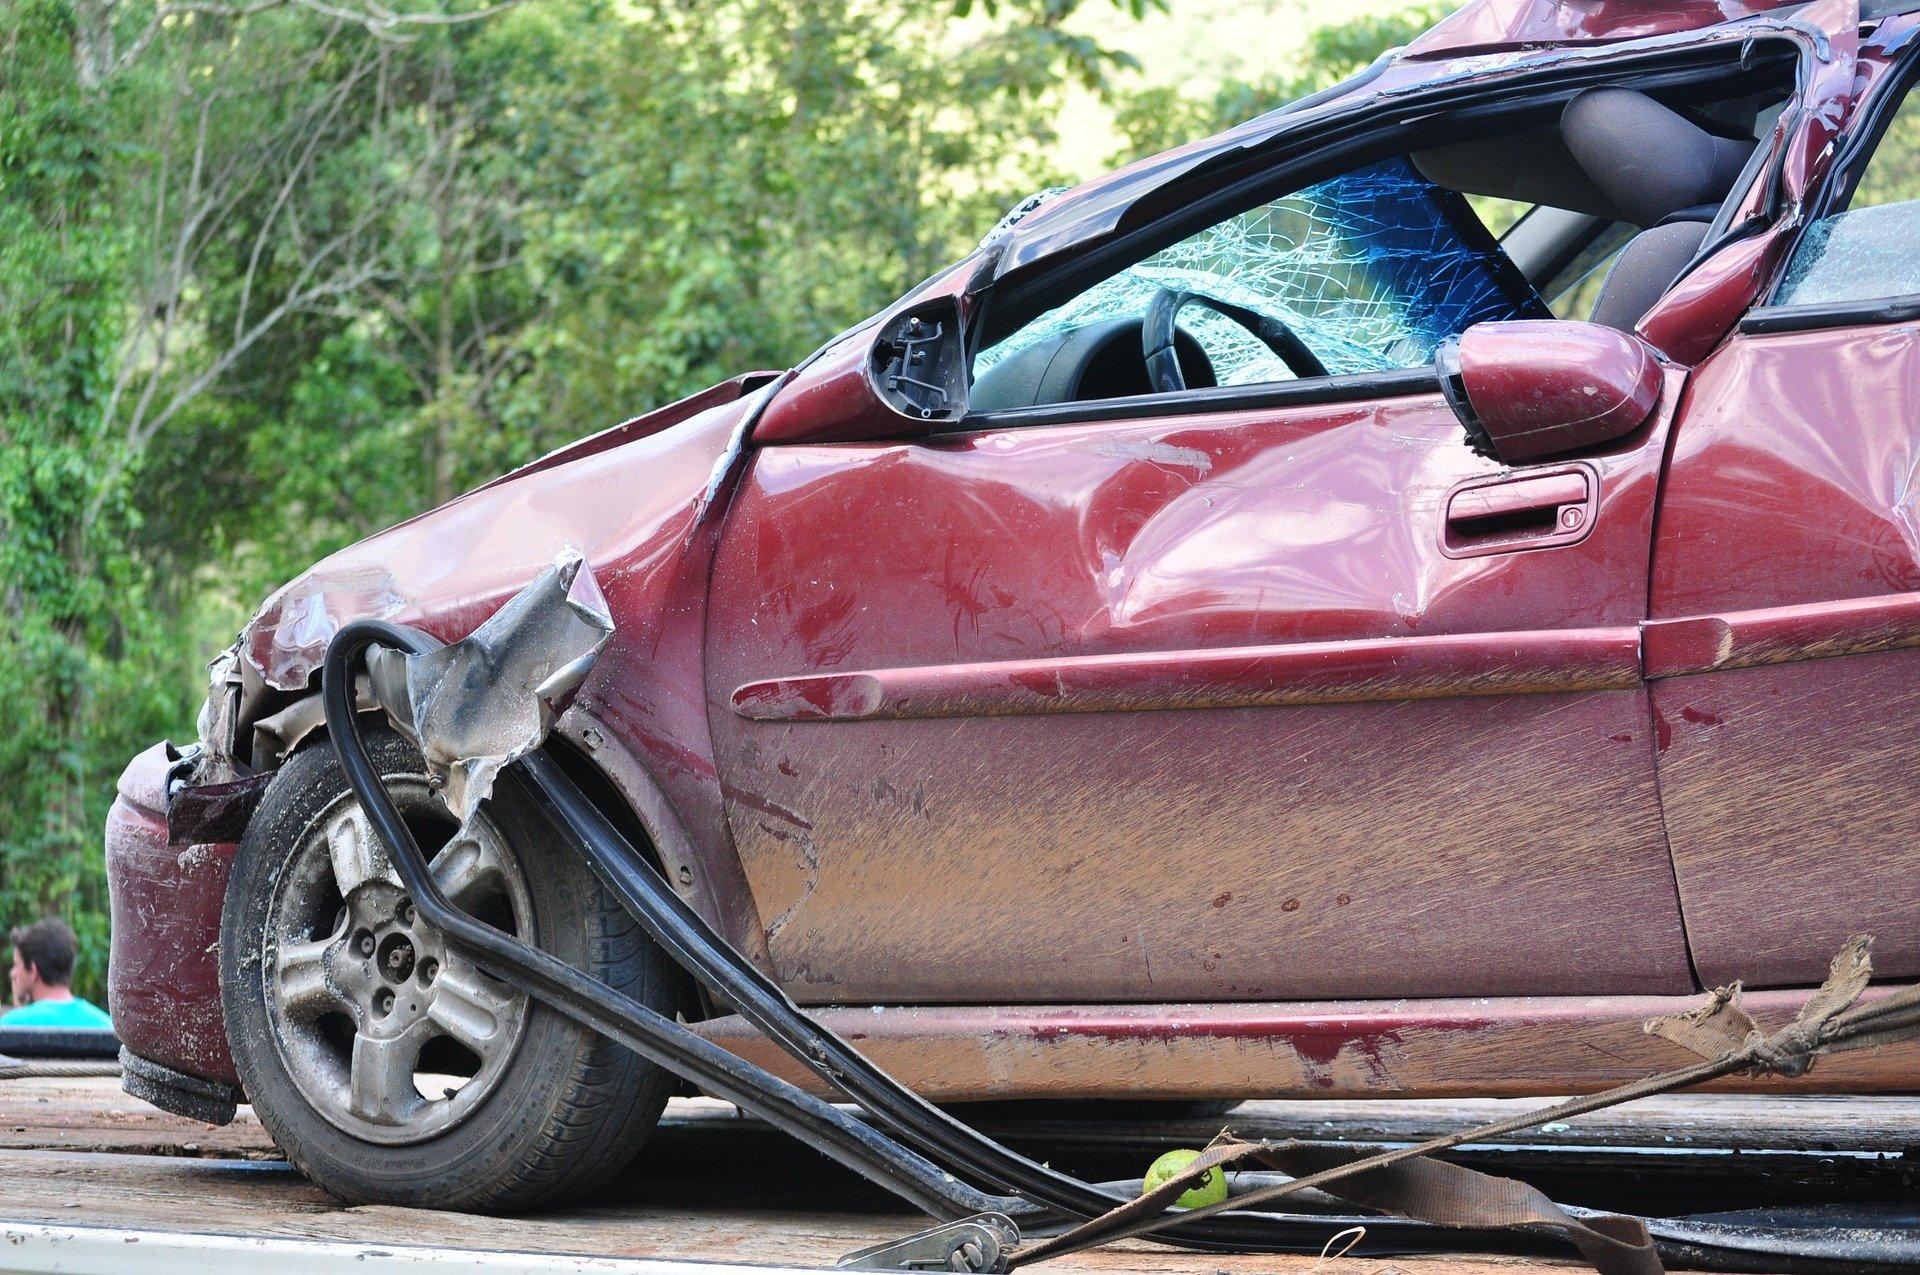 Car accident lawsuit settlement average average accident settlement amount average insurance settlement for car accident average lawsuit settlement for car accident Car accident settlement amounts Law suit loans Loans for lawsuits Loan on lawsuit